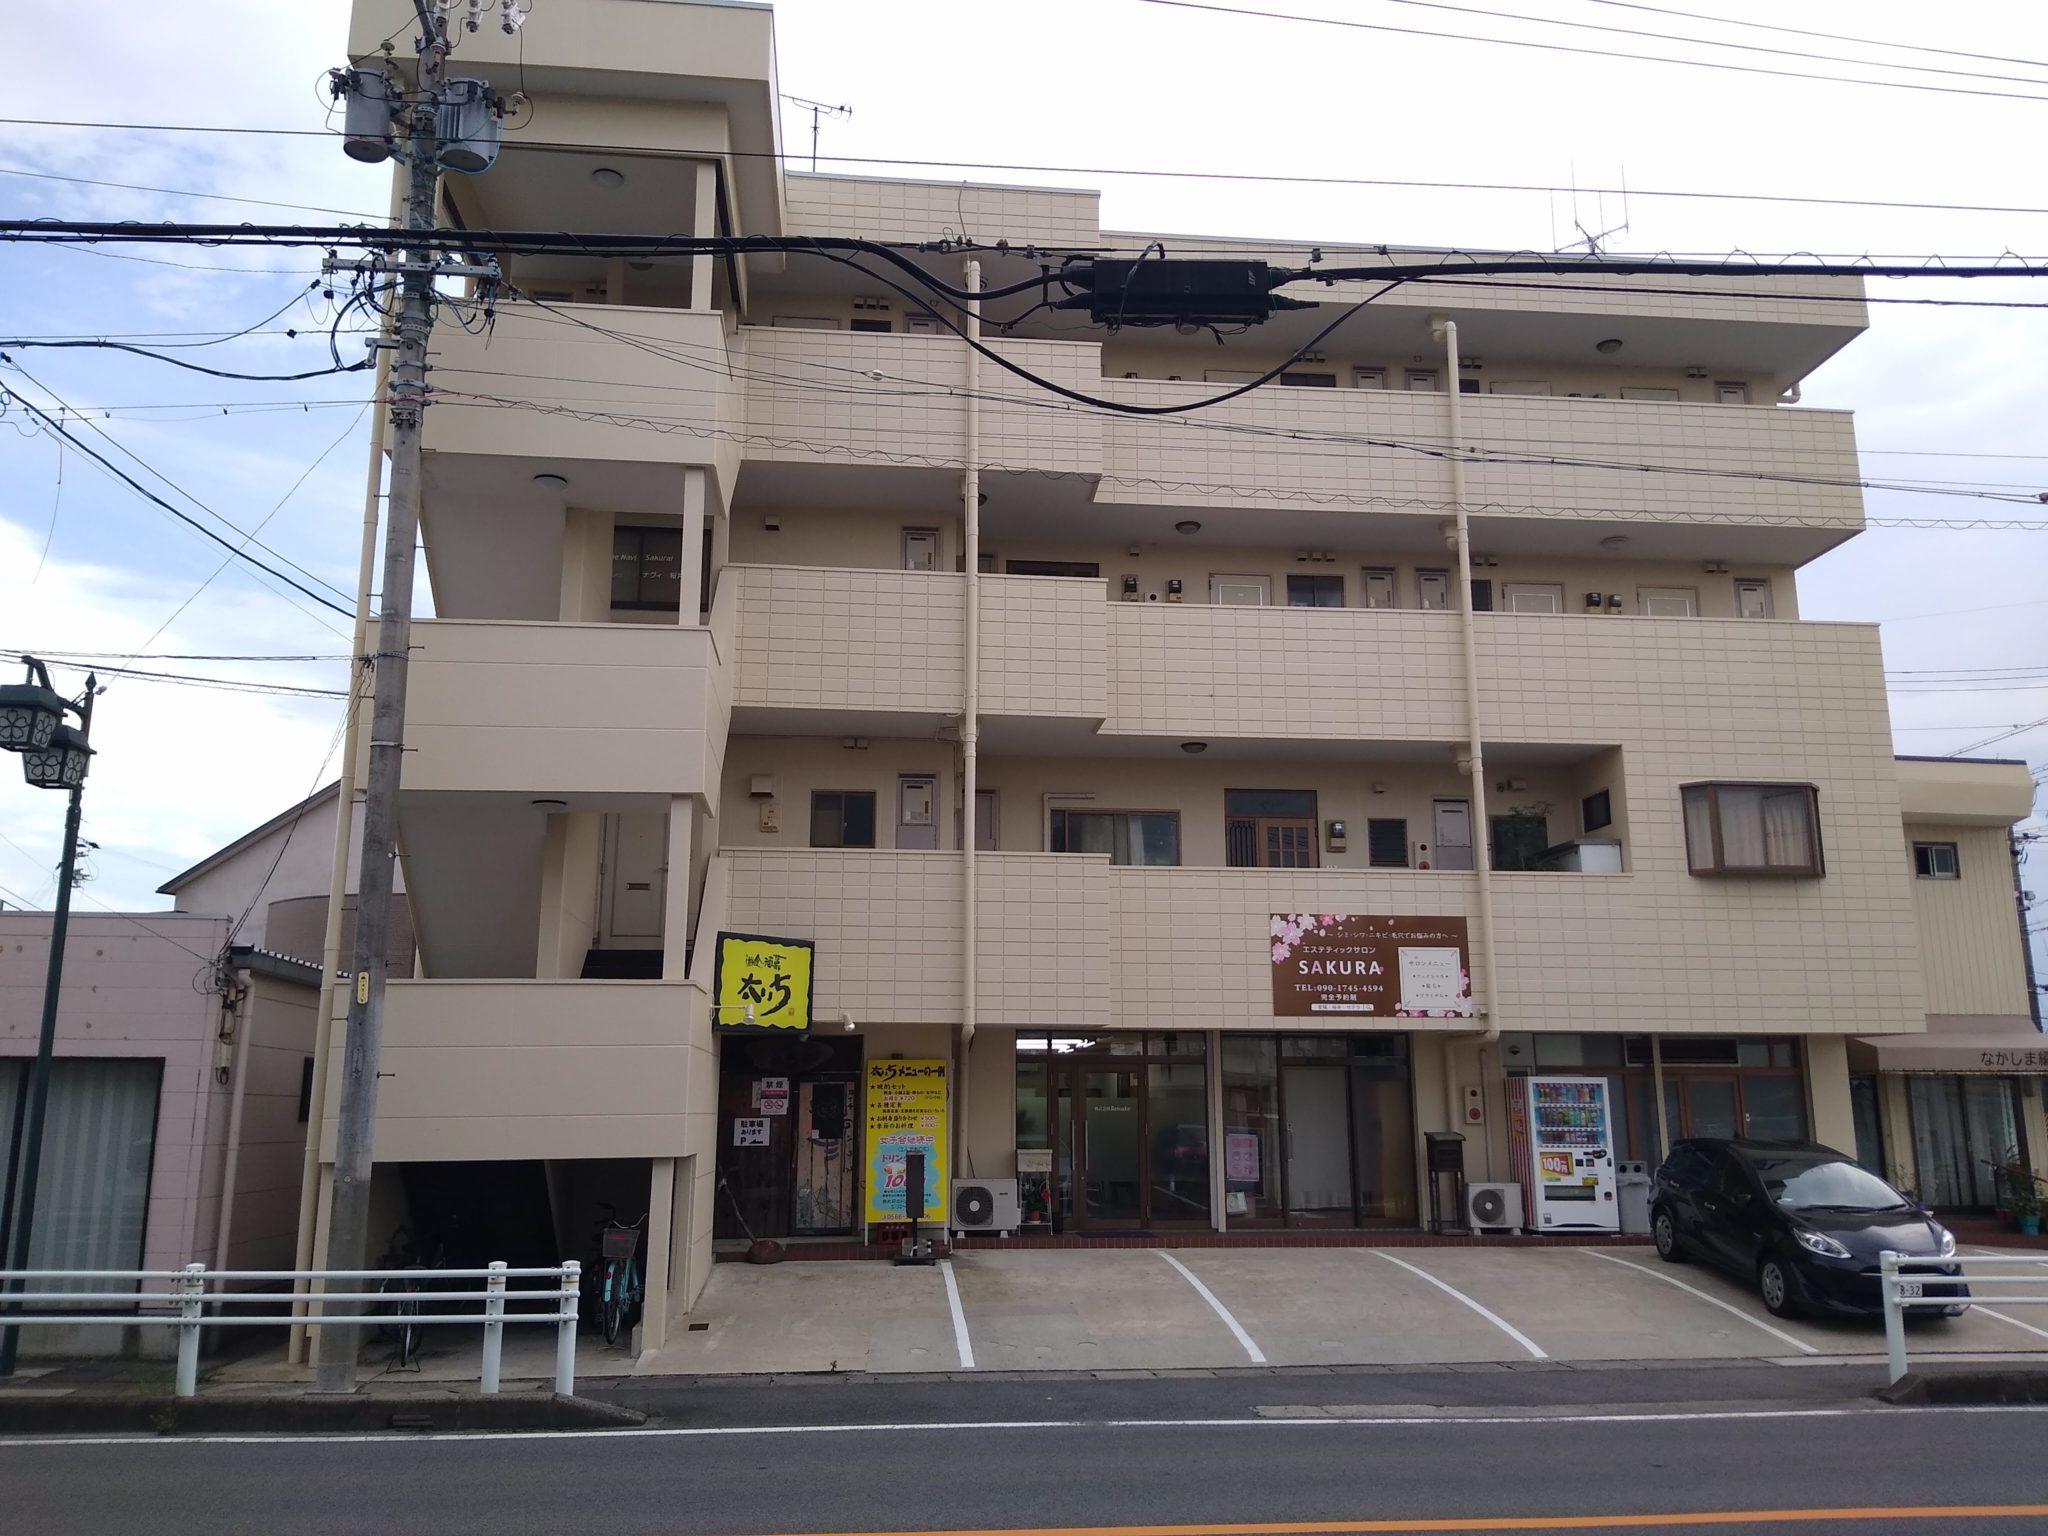 アップゼミ 安城桜井校